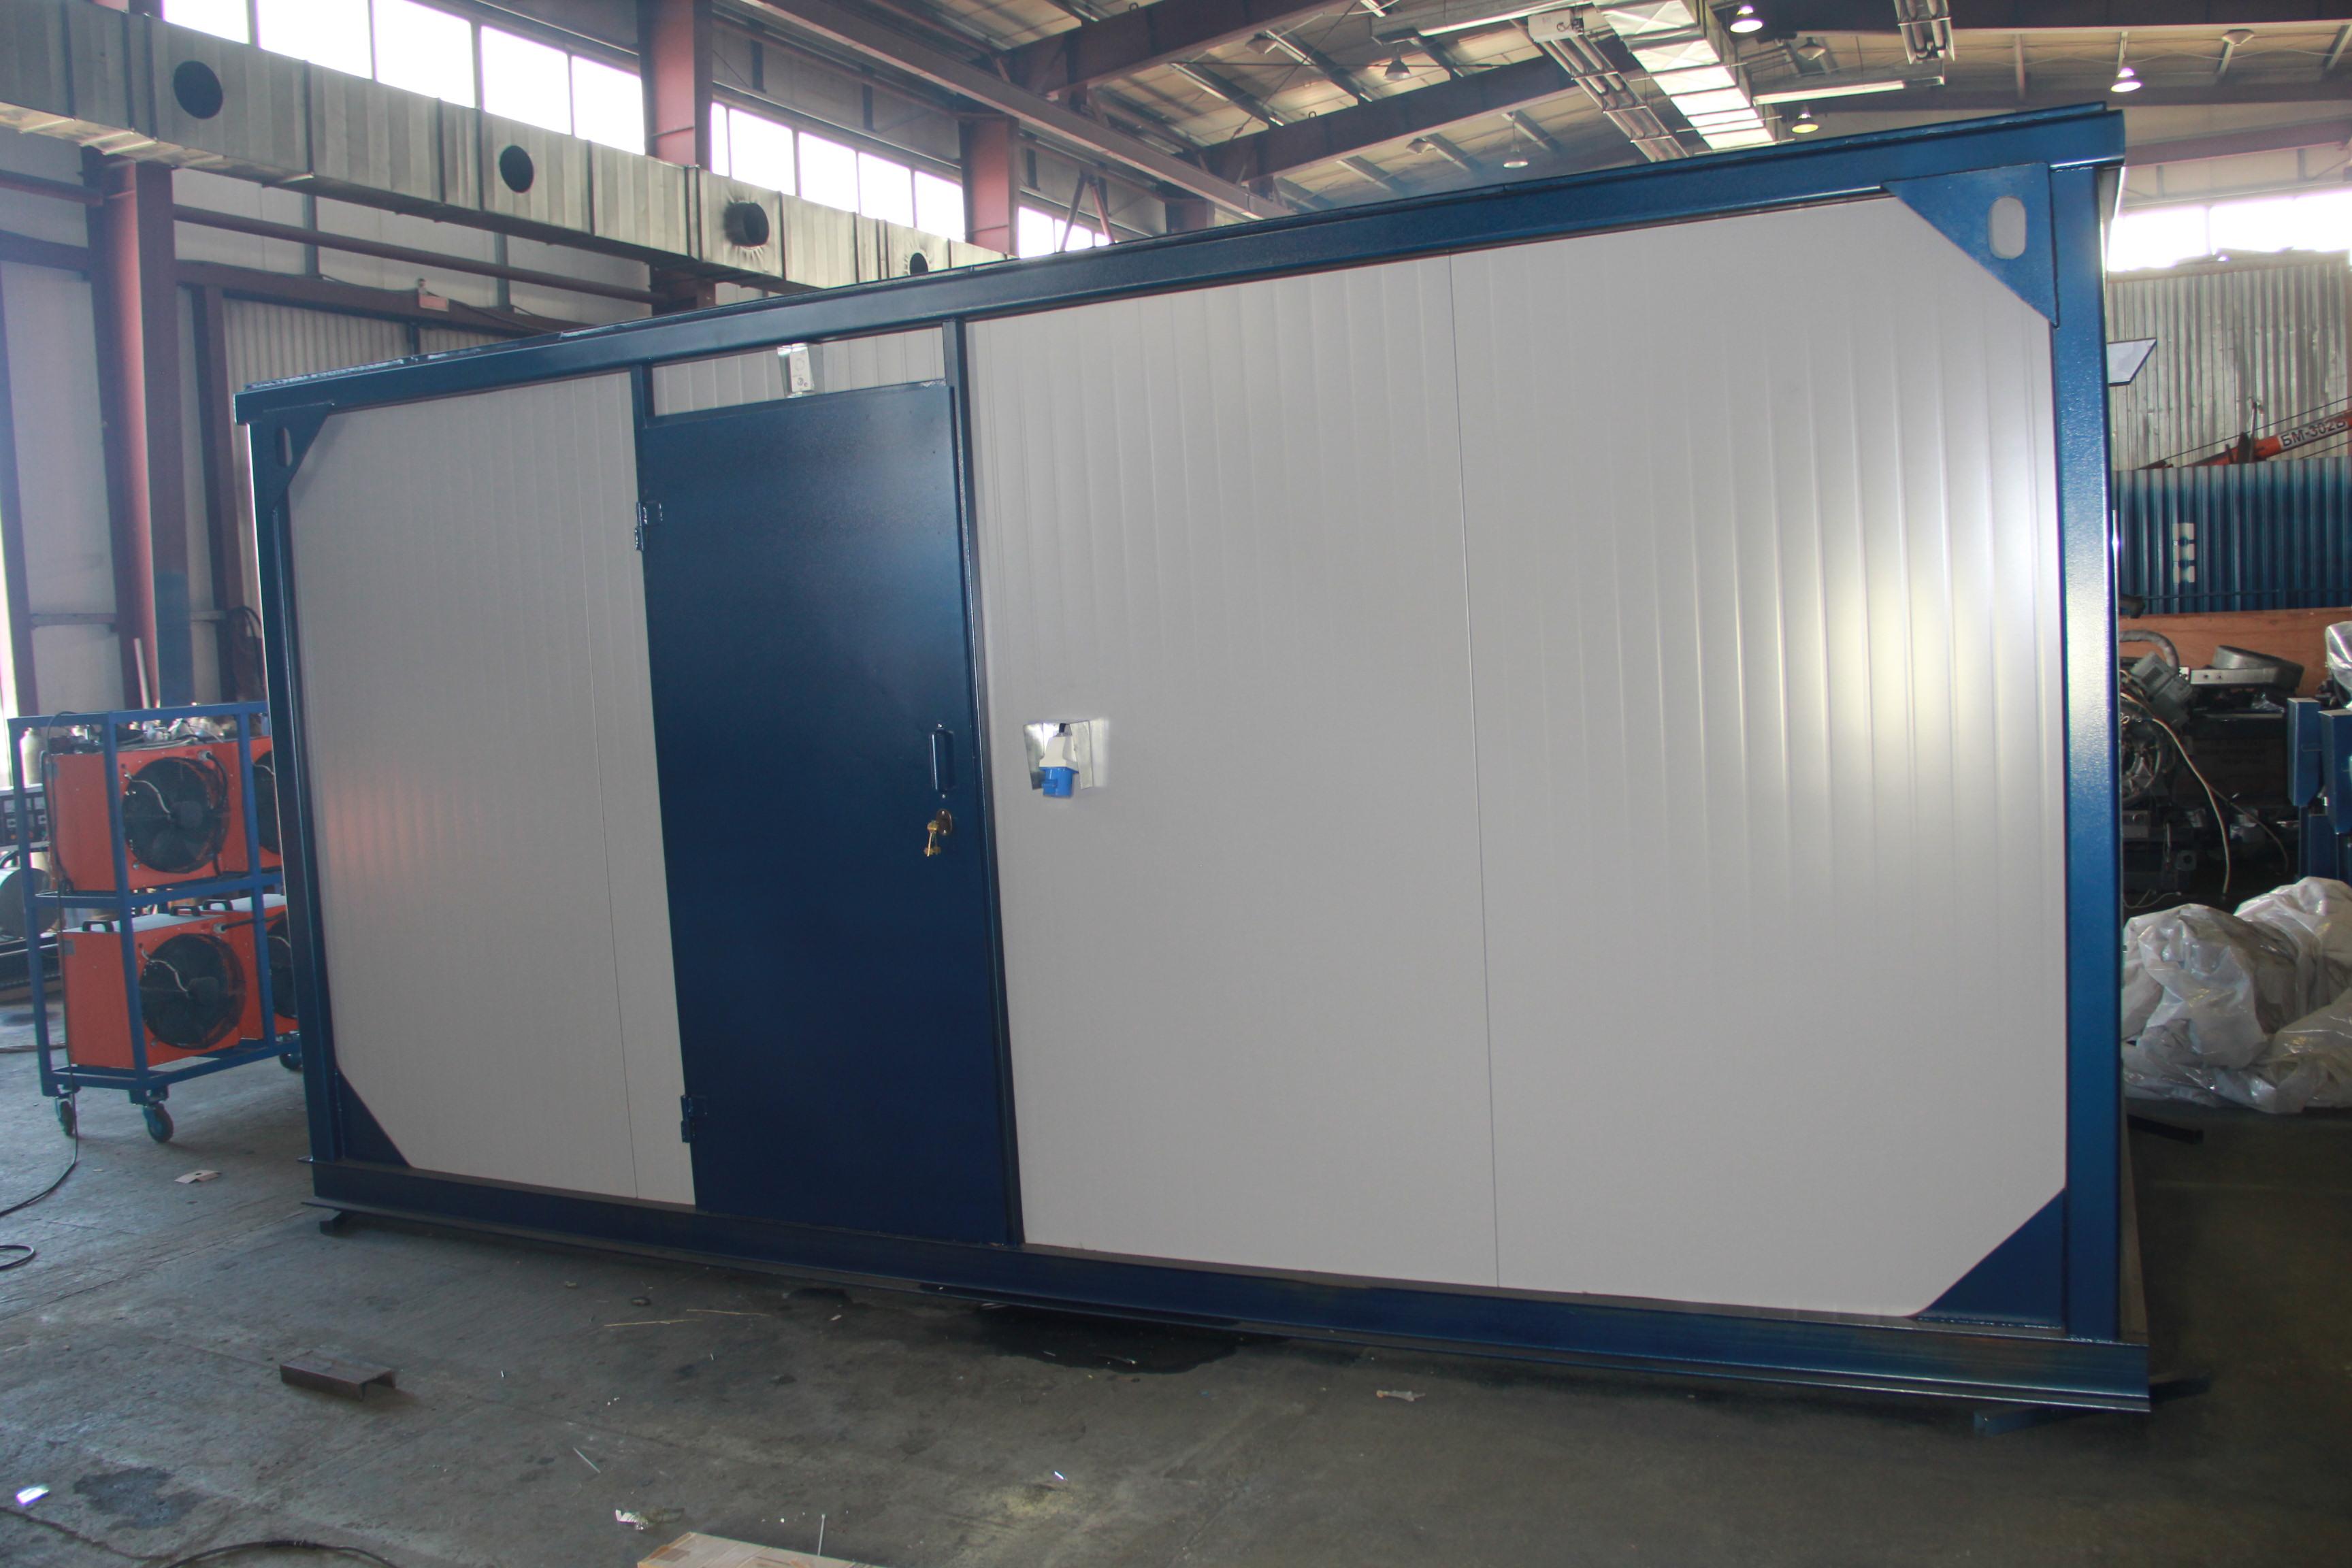 Внешний вид IVECO АД-100С-Т400-1РНИ в контейнере